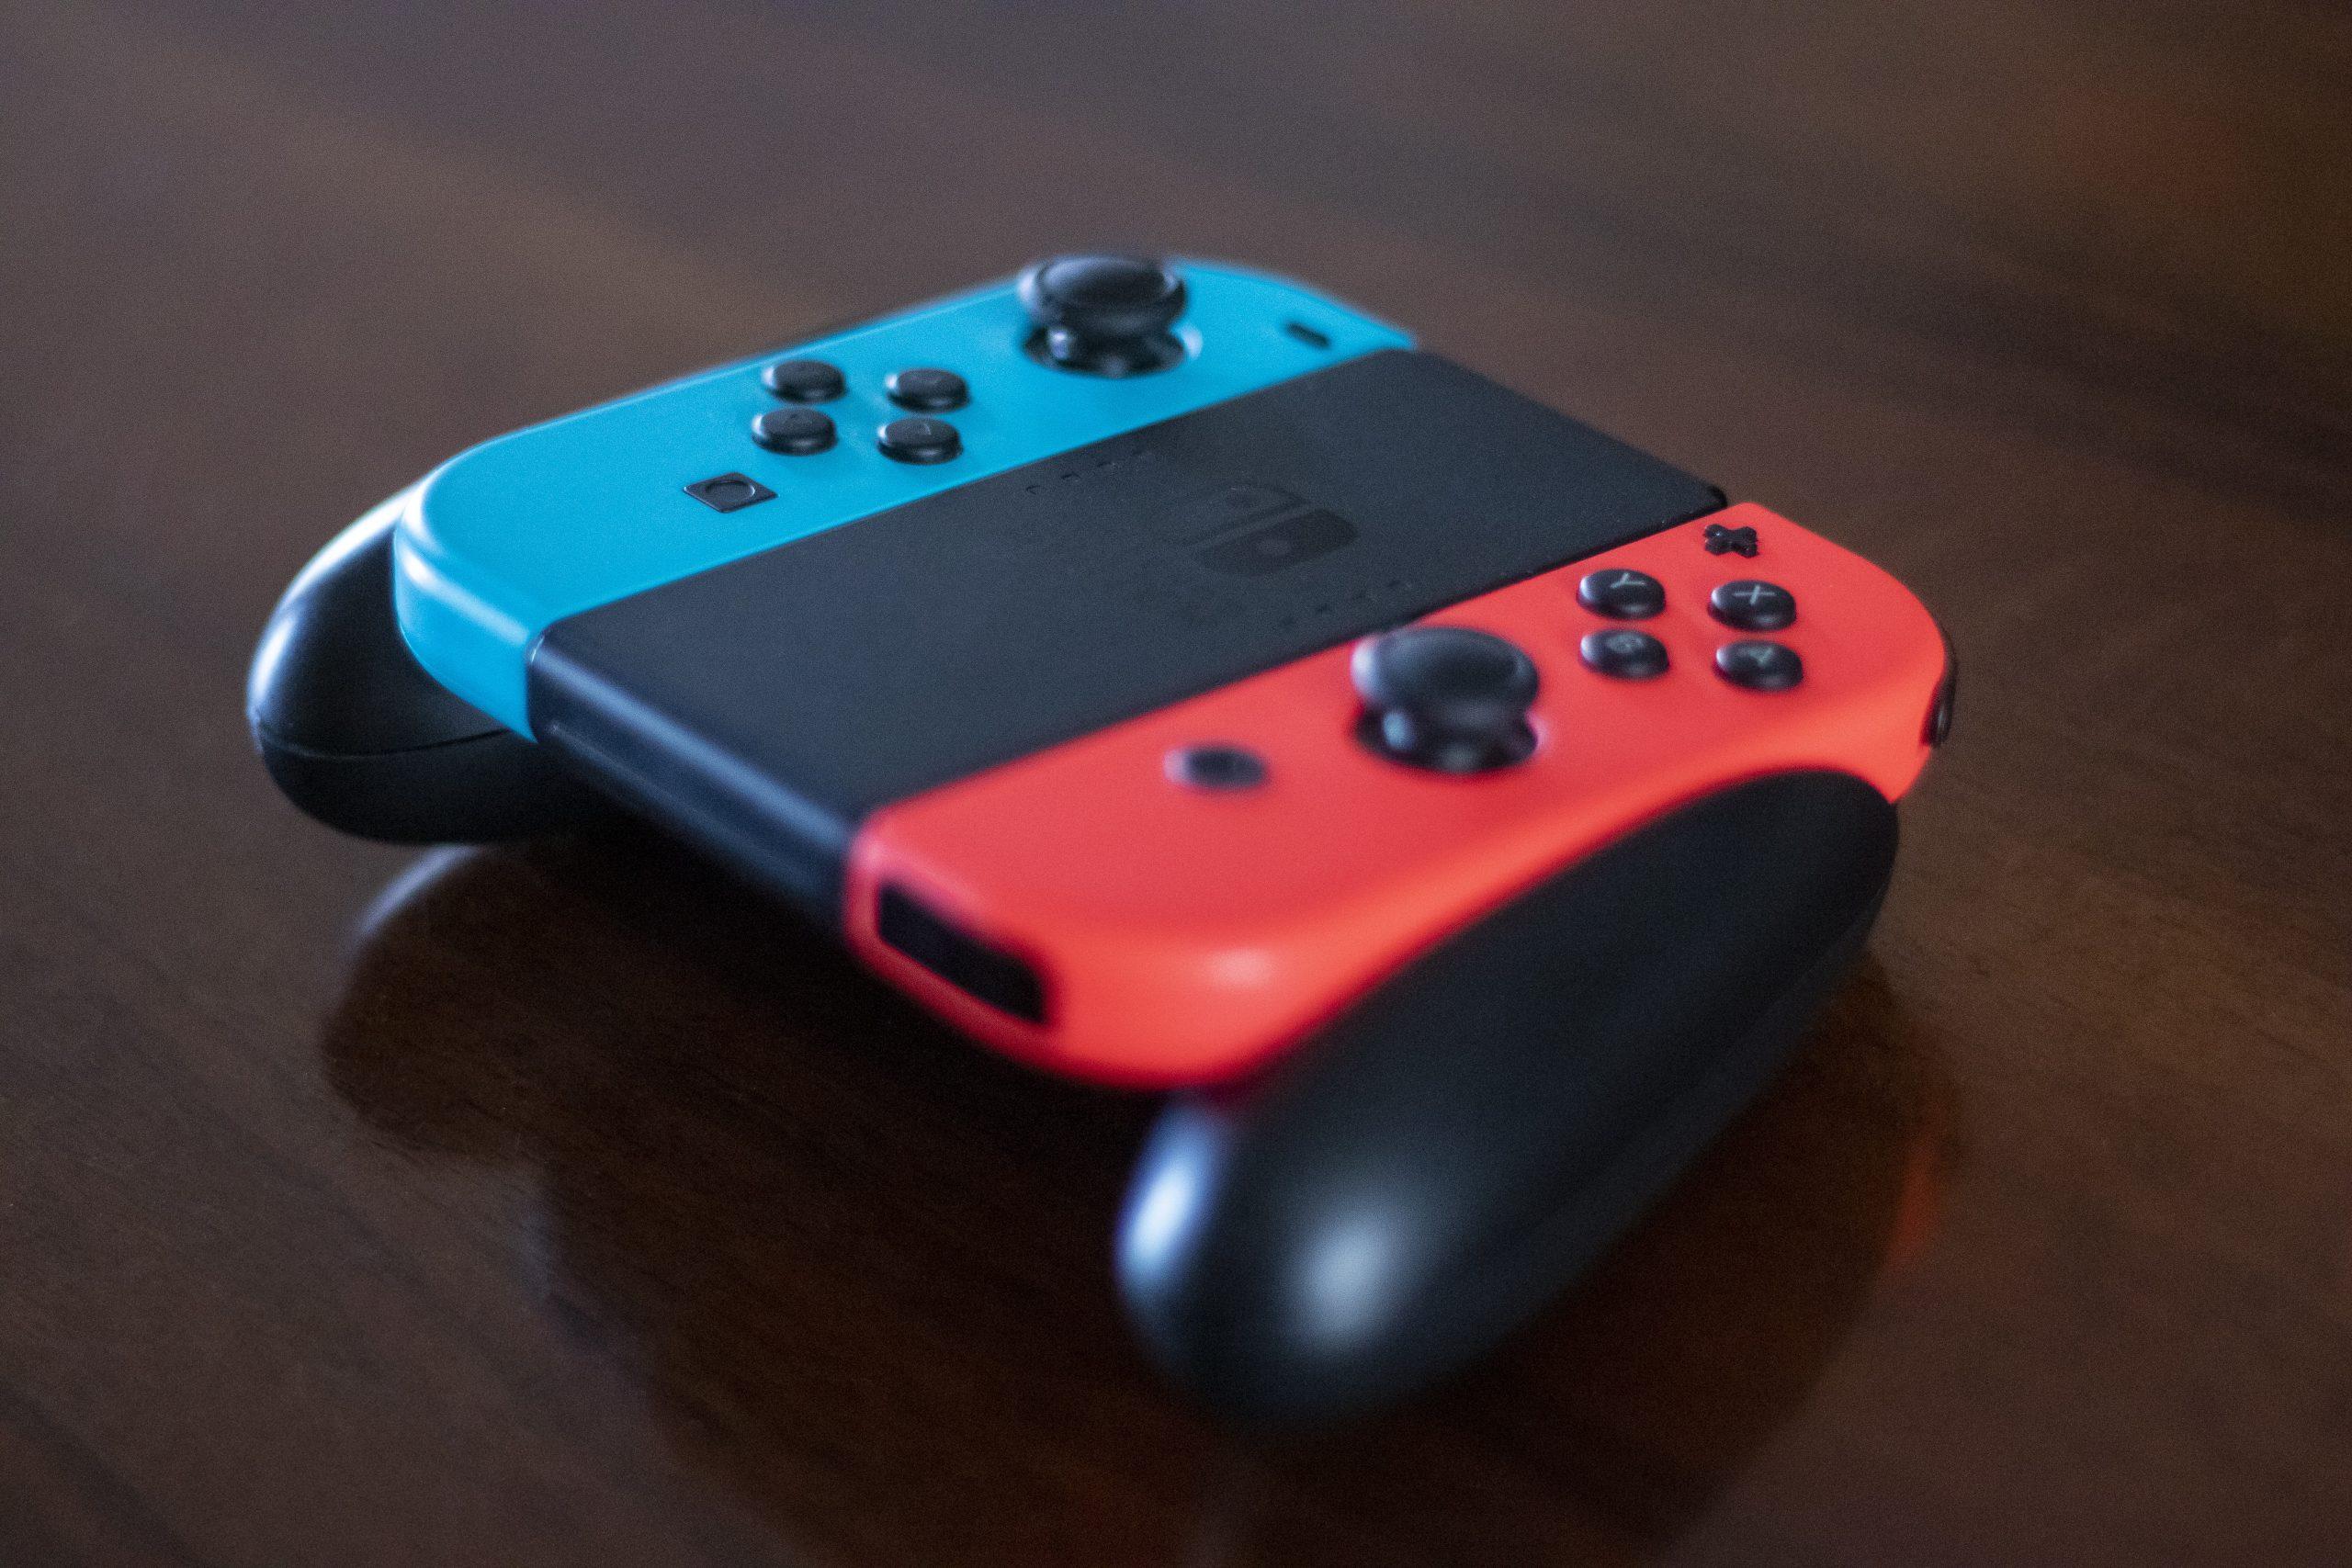 Miglior Nintendo Switch 2021: Guida all'acquisto